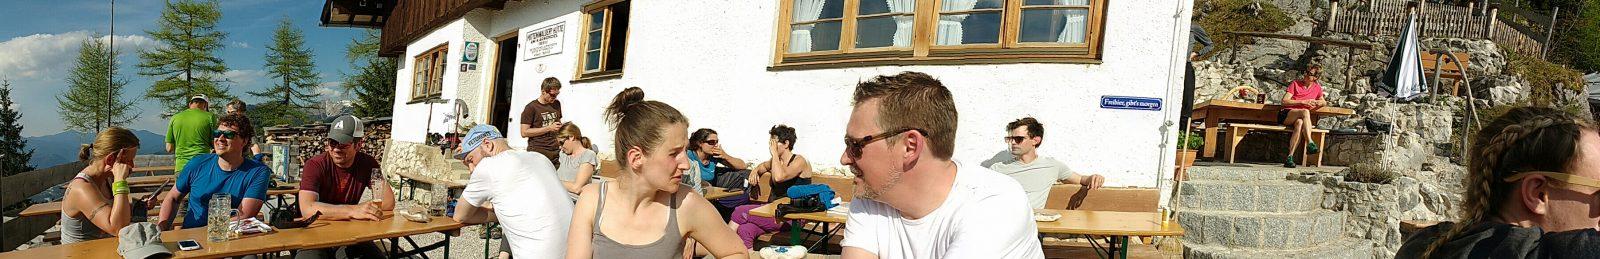 Workshop auf der Mittenwalder Hütte